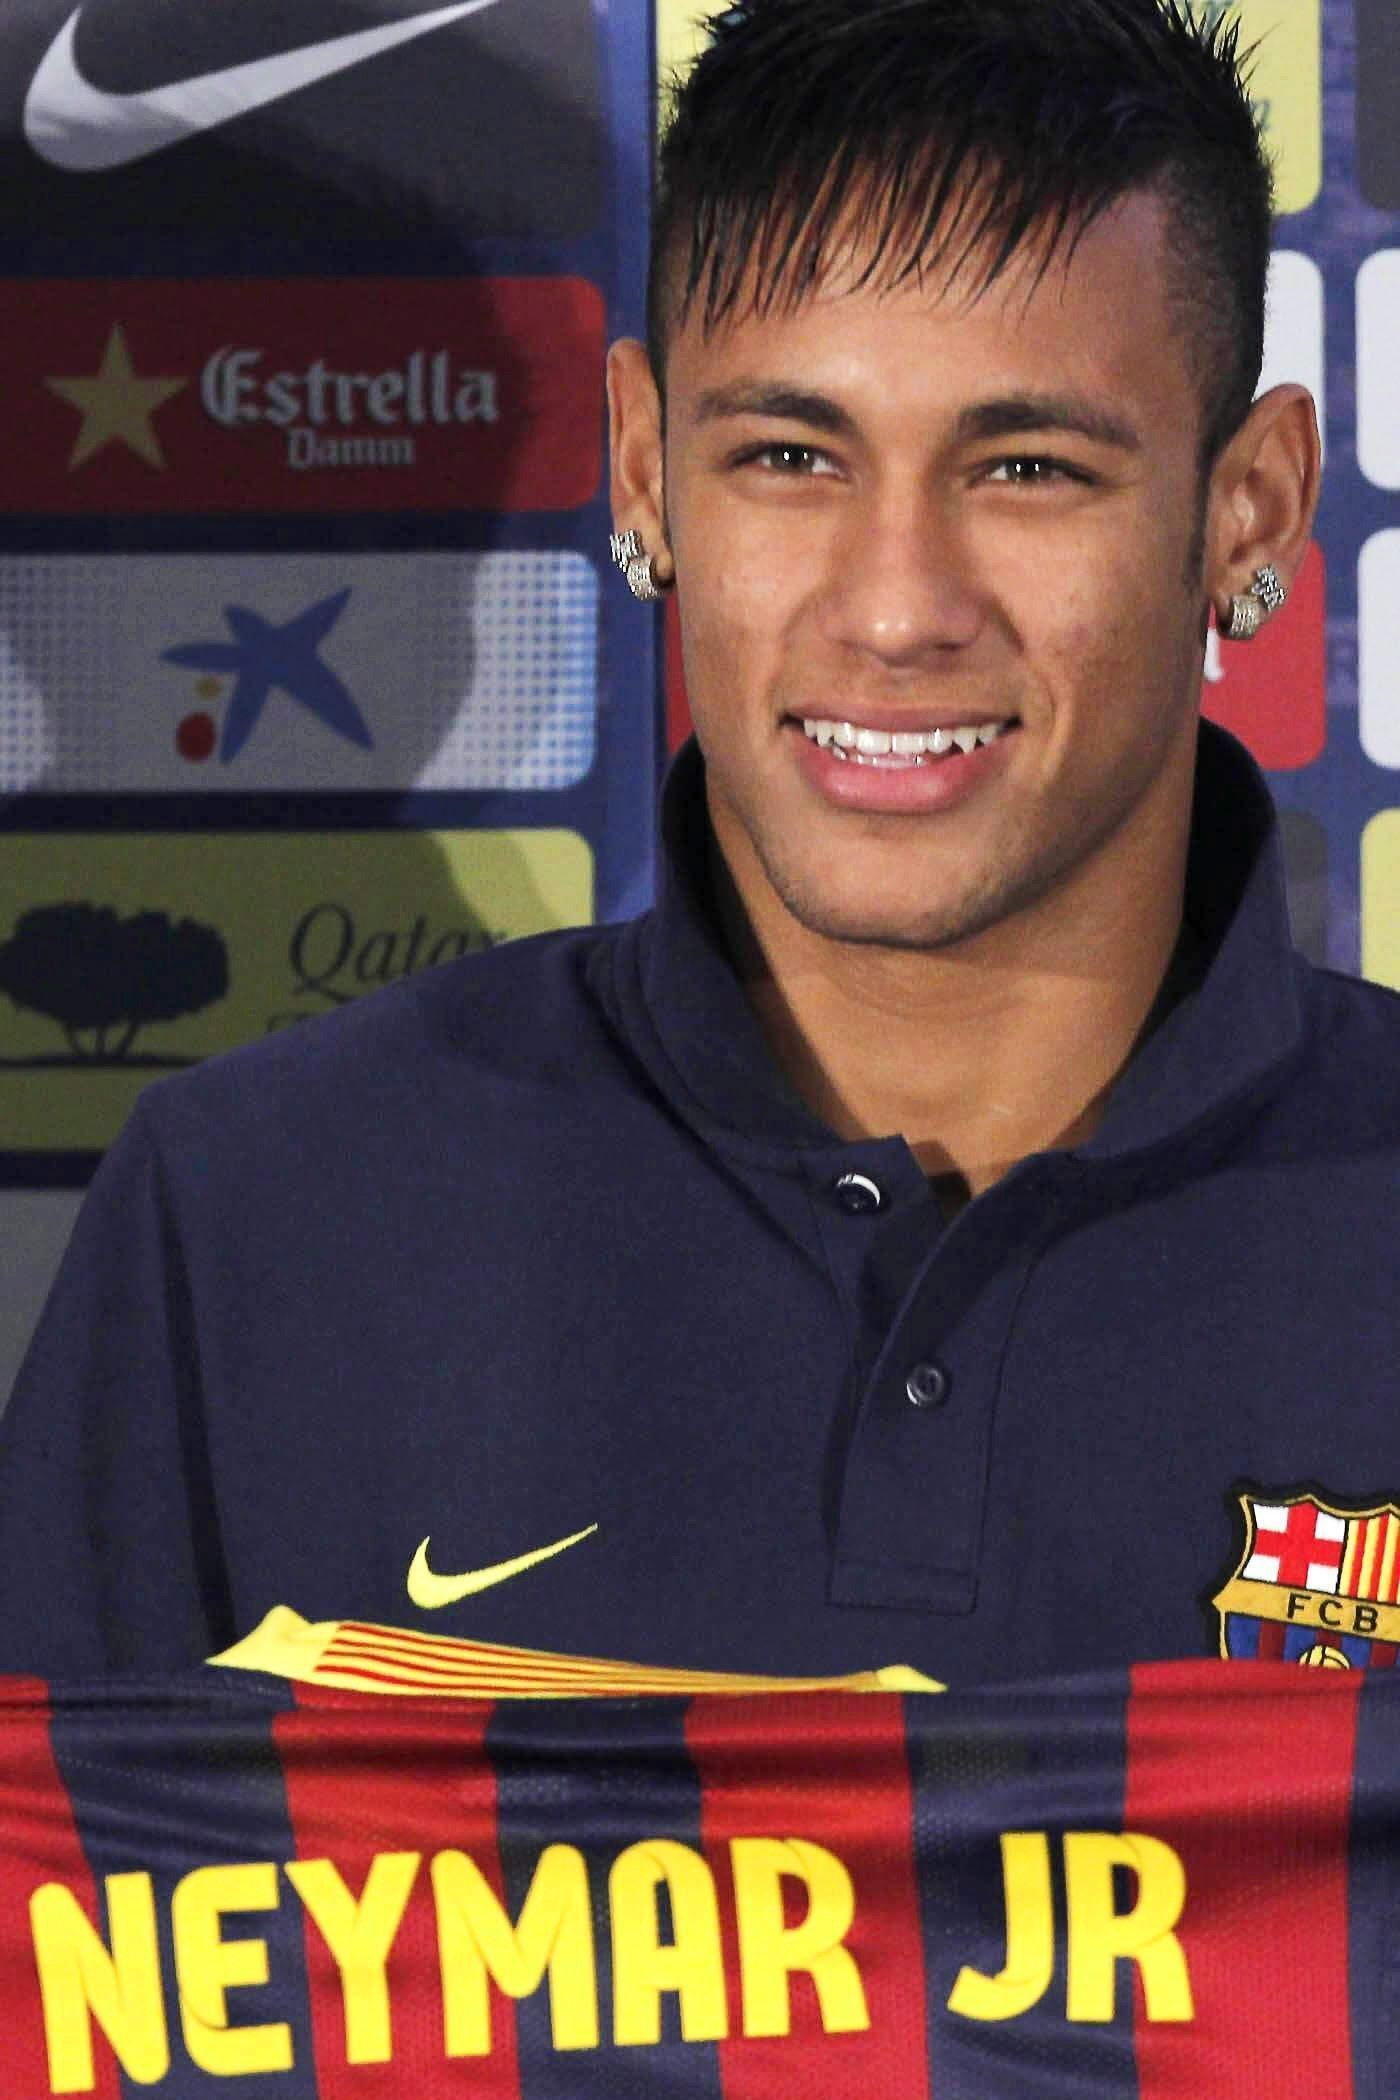 2013-07-24-neymar.jpg